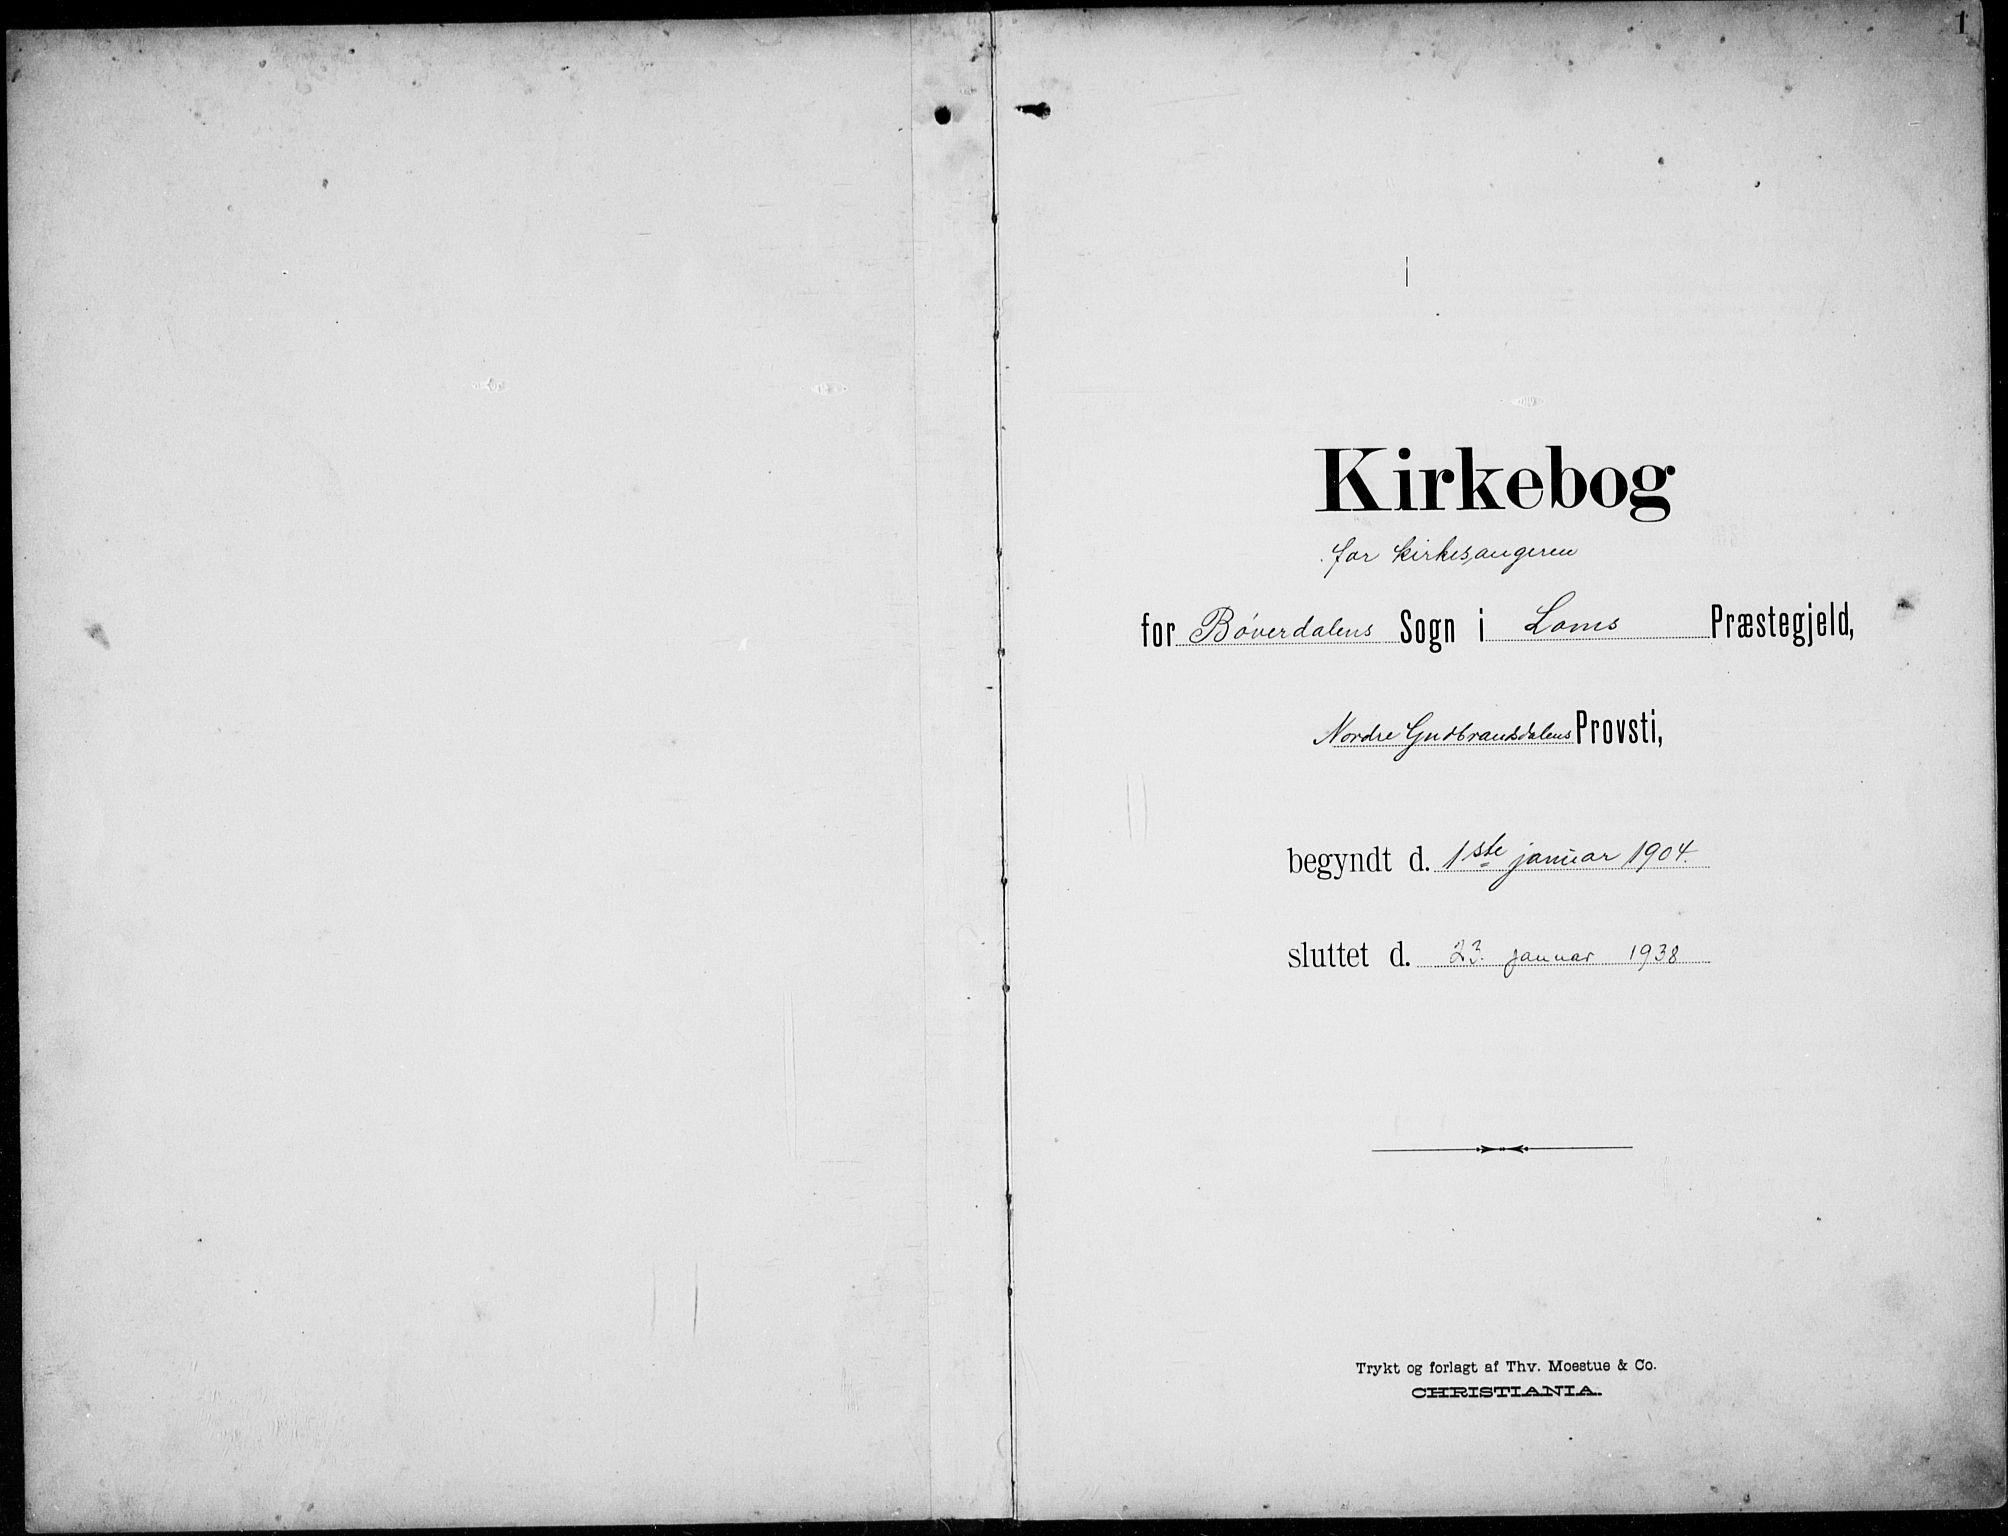 SAH, Lom prestekontor, L/L0007: Klokkerbok nr. 7, 1904-1938, s. 1